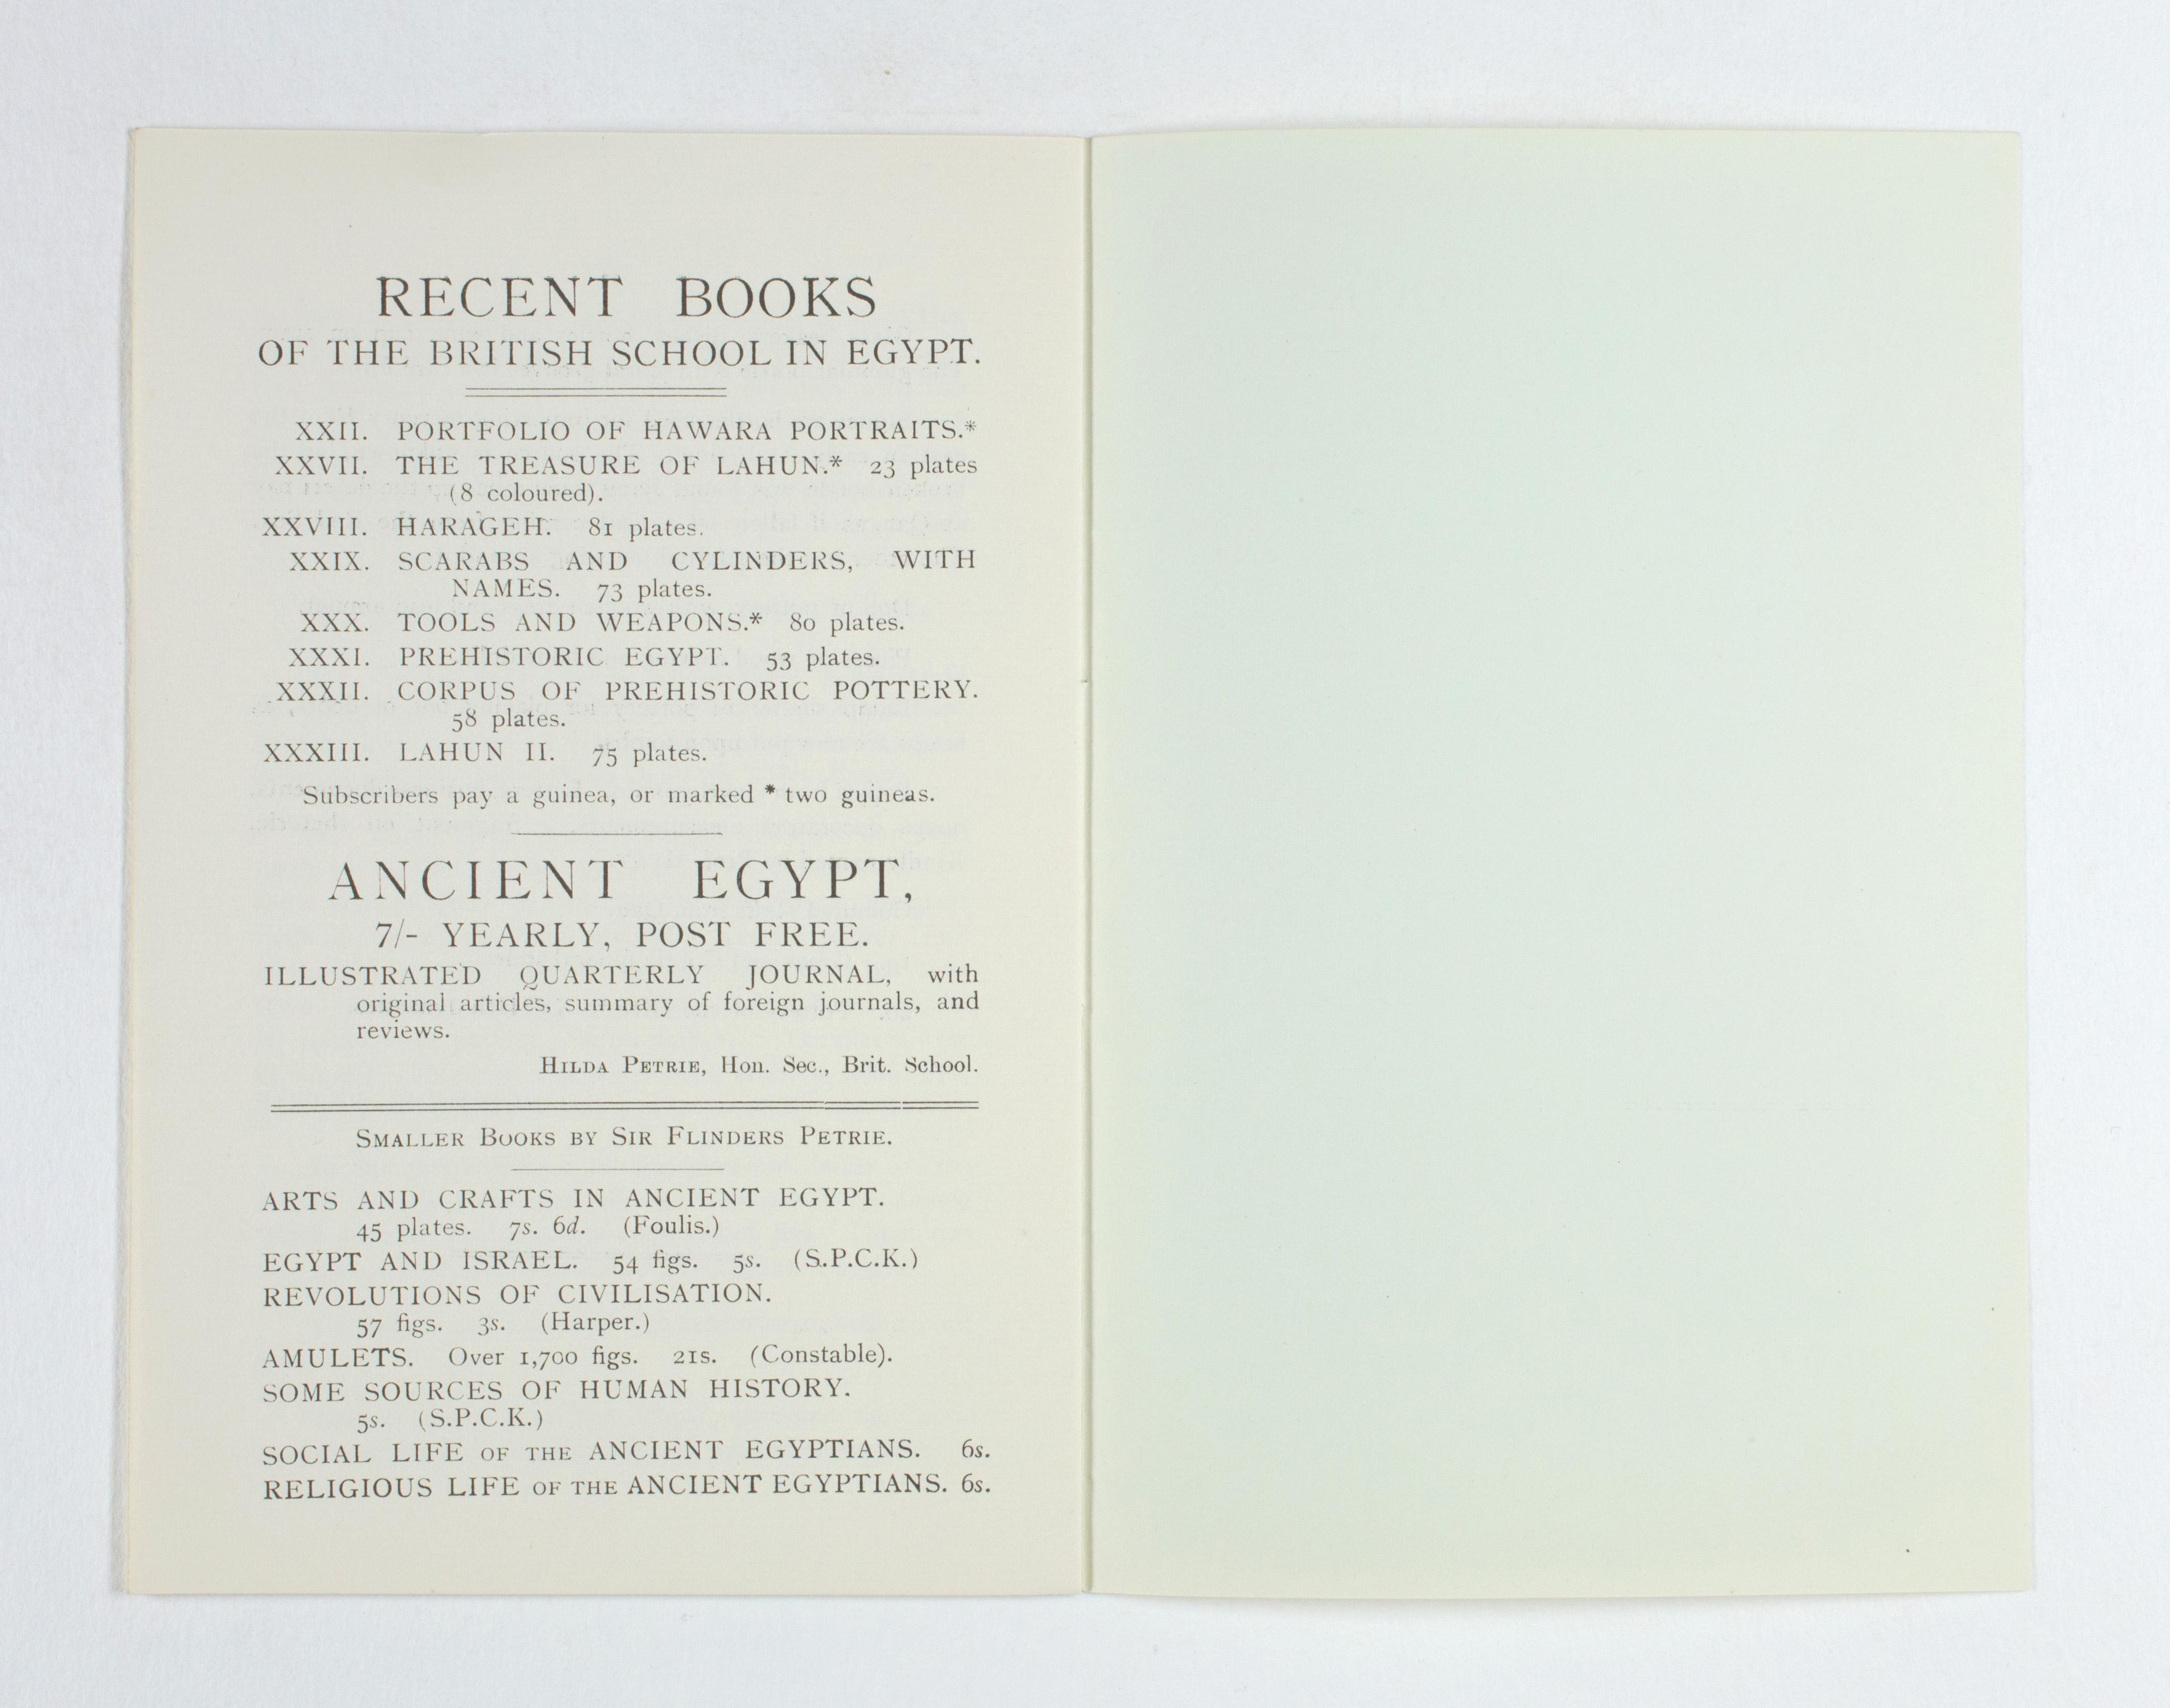 1923-24 Qau el-Kebir, Hemamieh Exhibition catalogue PMA/WFP1/D/27/31.9